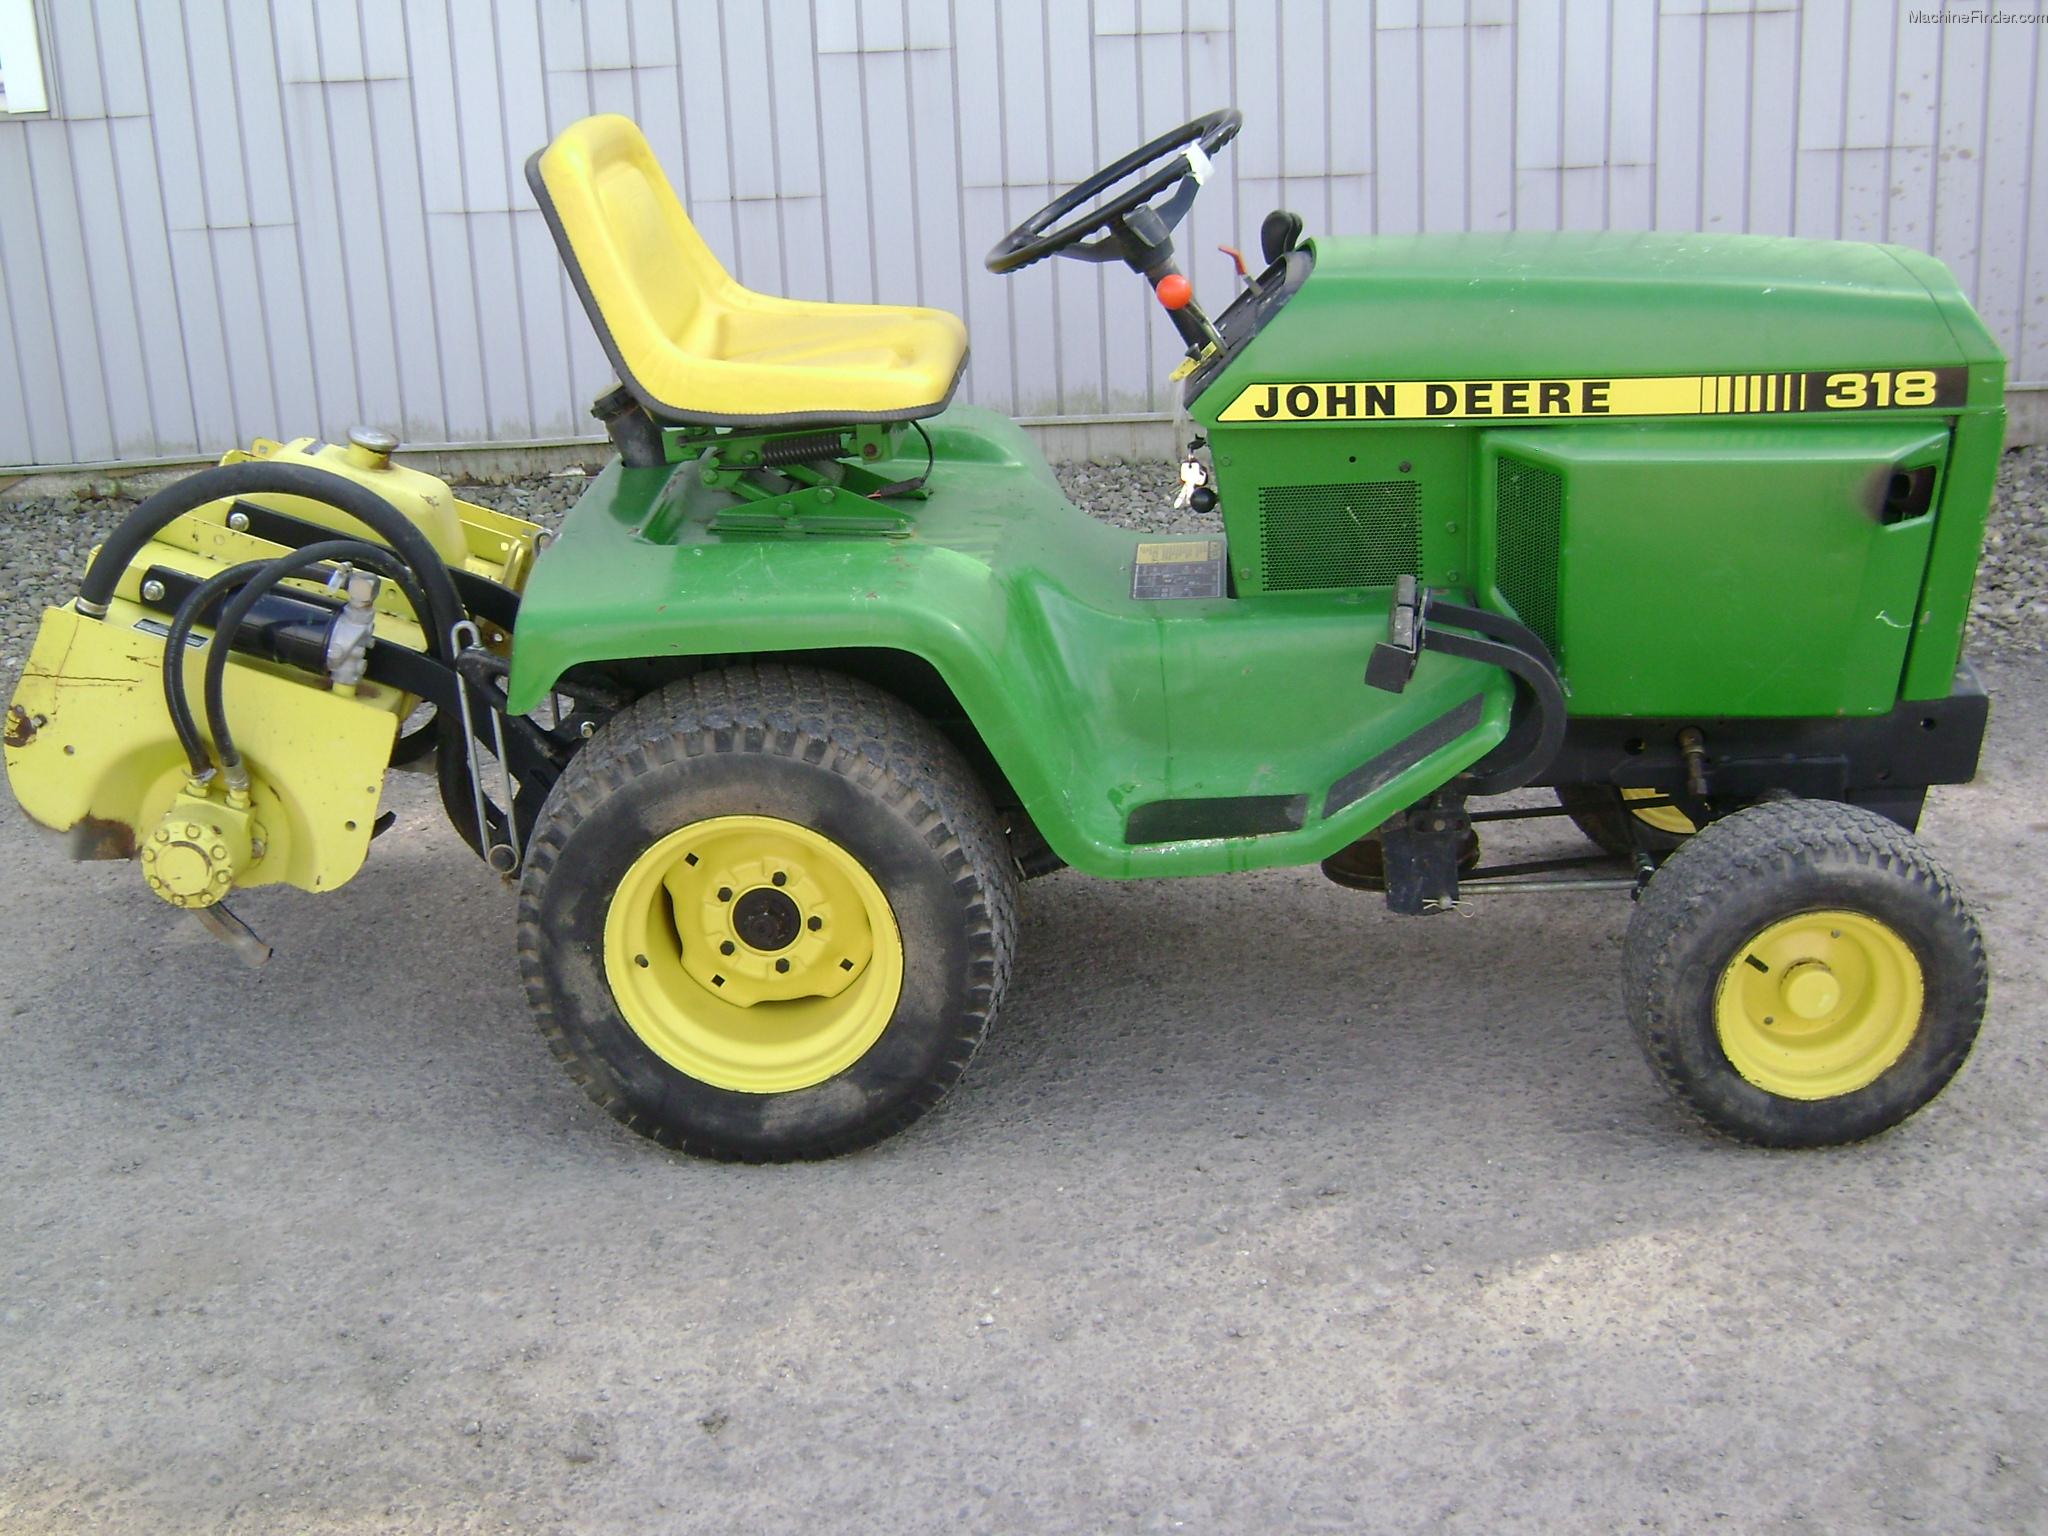 John Deere Garden Tiller : John deere lawn tractor tiller car interior design